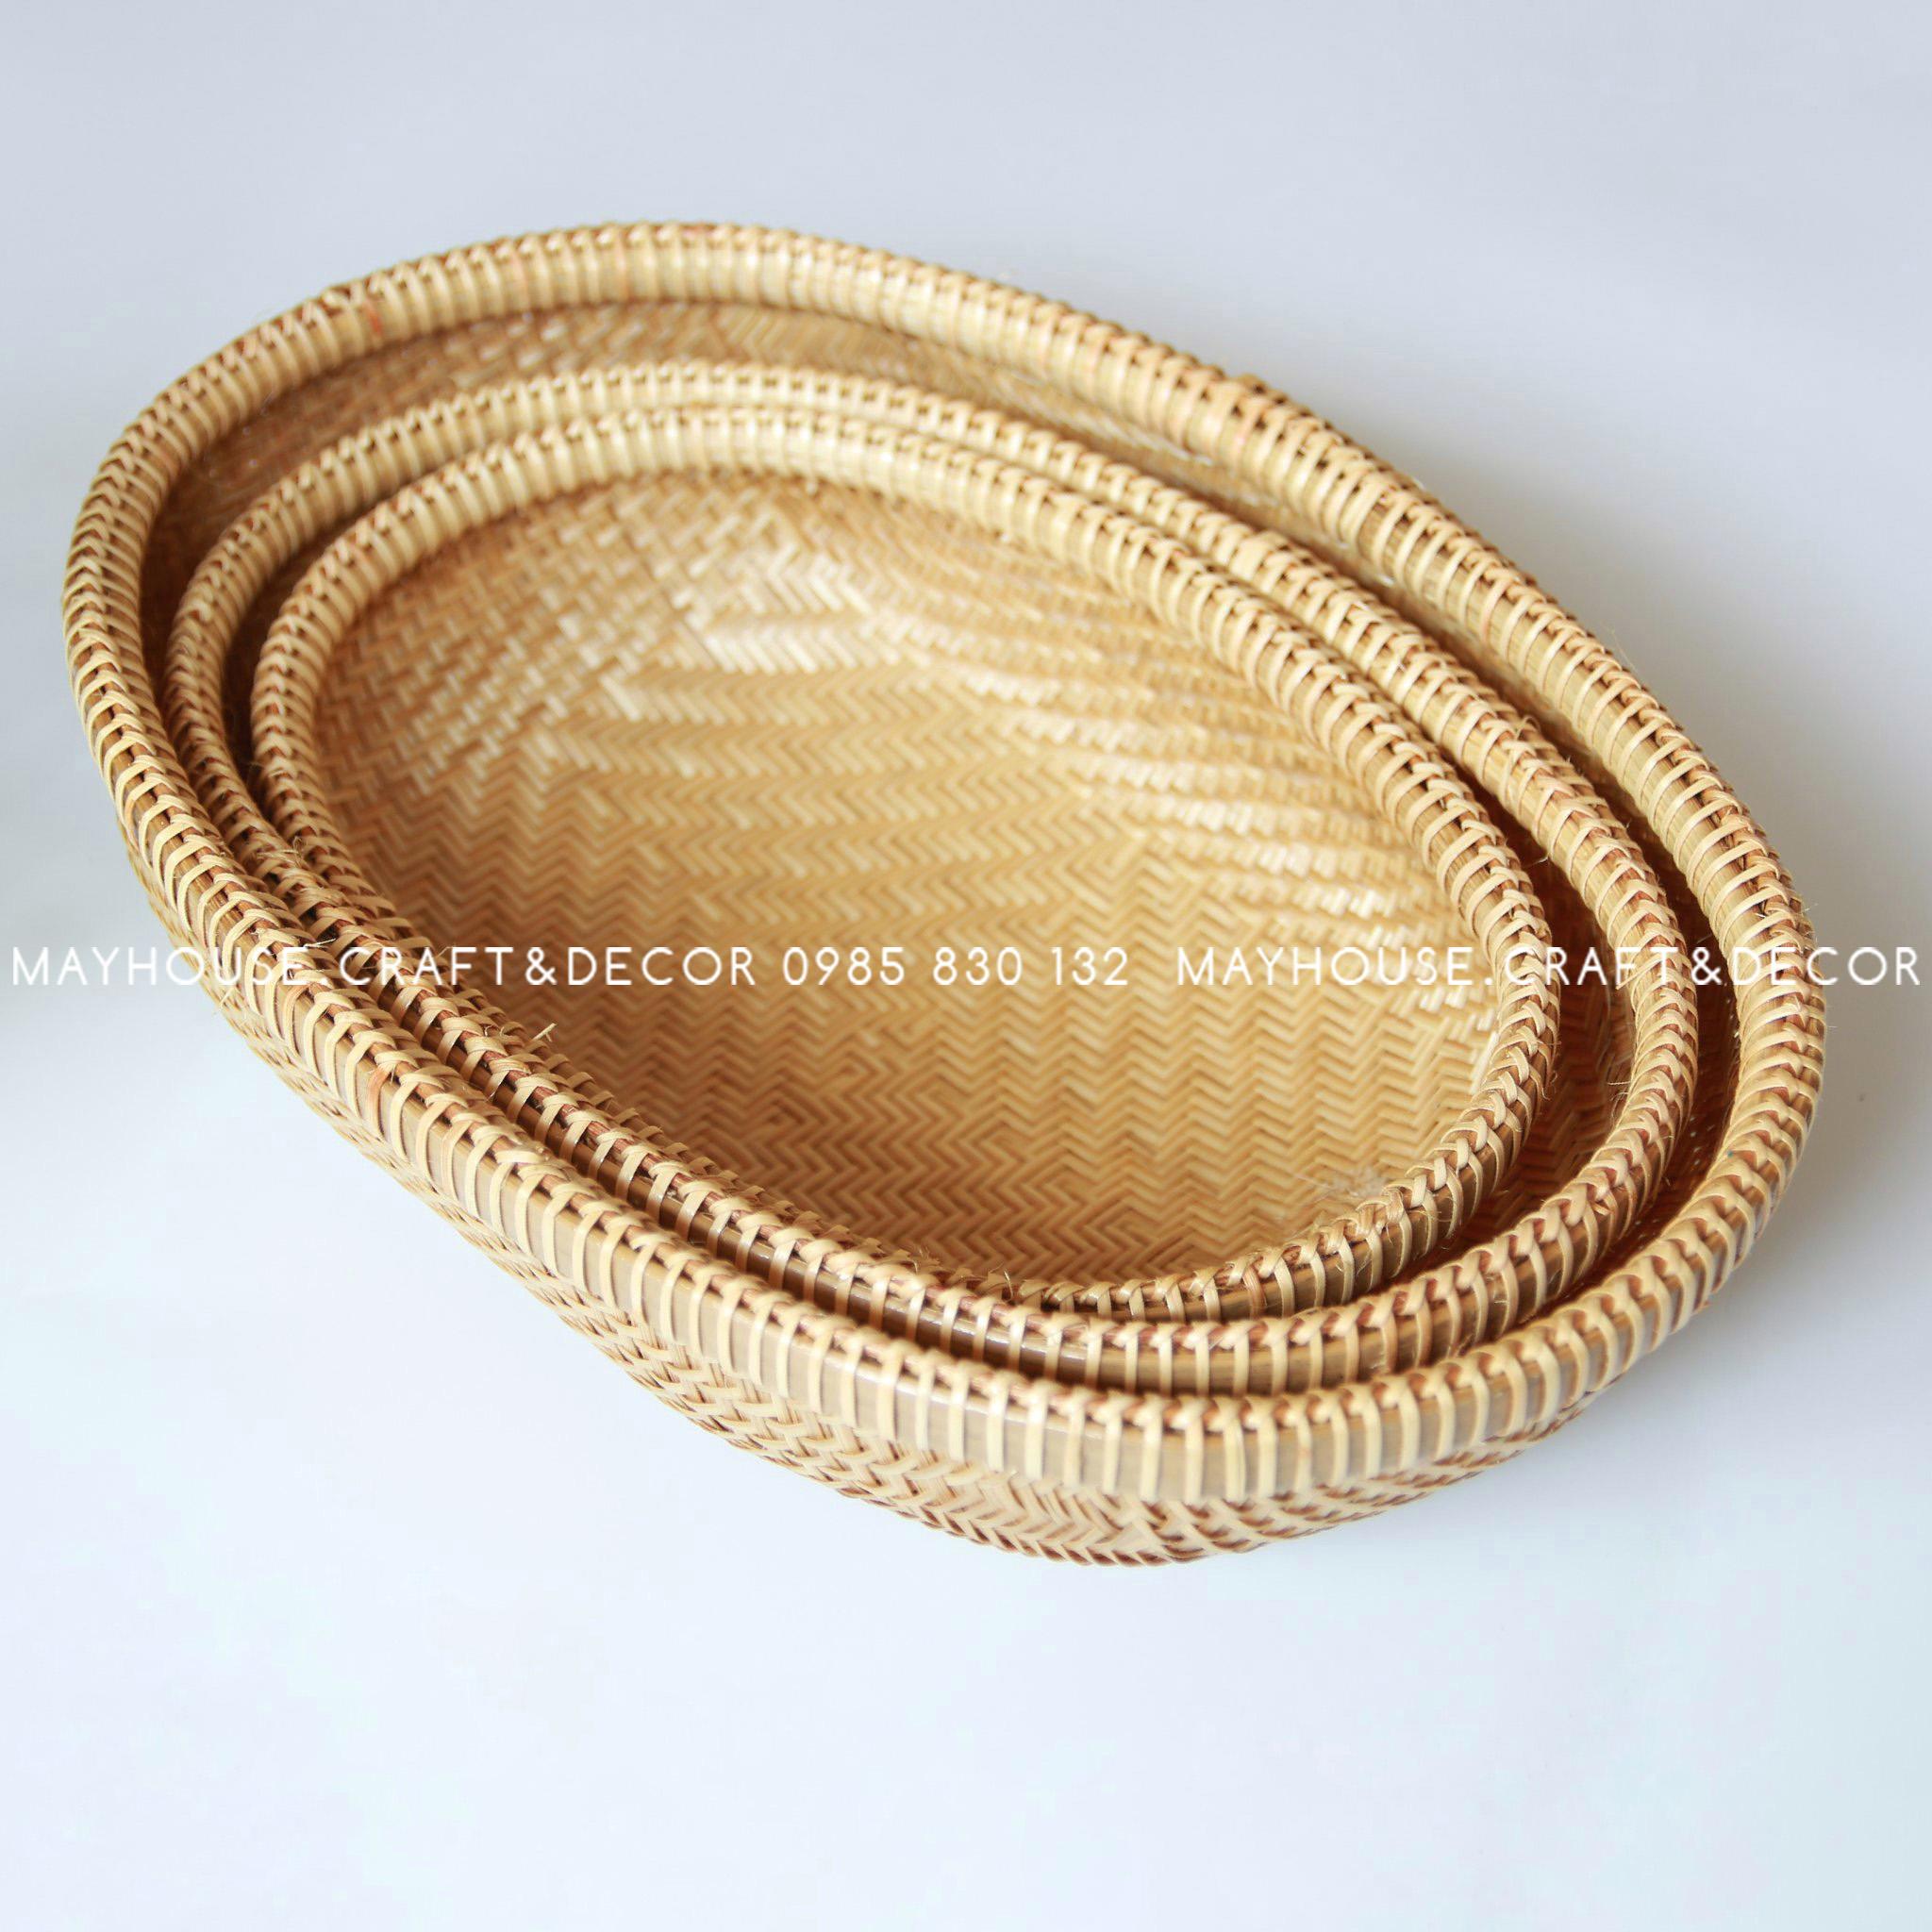 Rổ tre oval xuồng lồng bàn đan sít BL, không chân